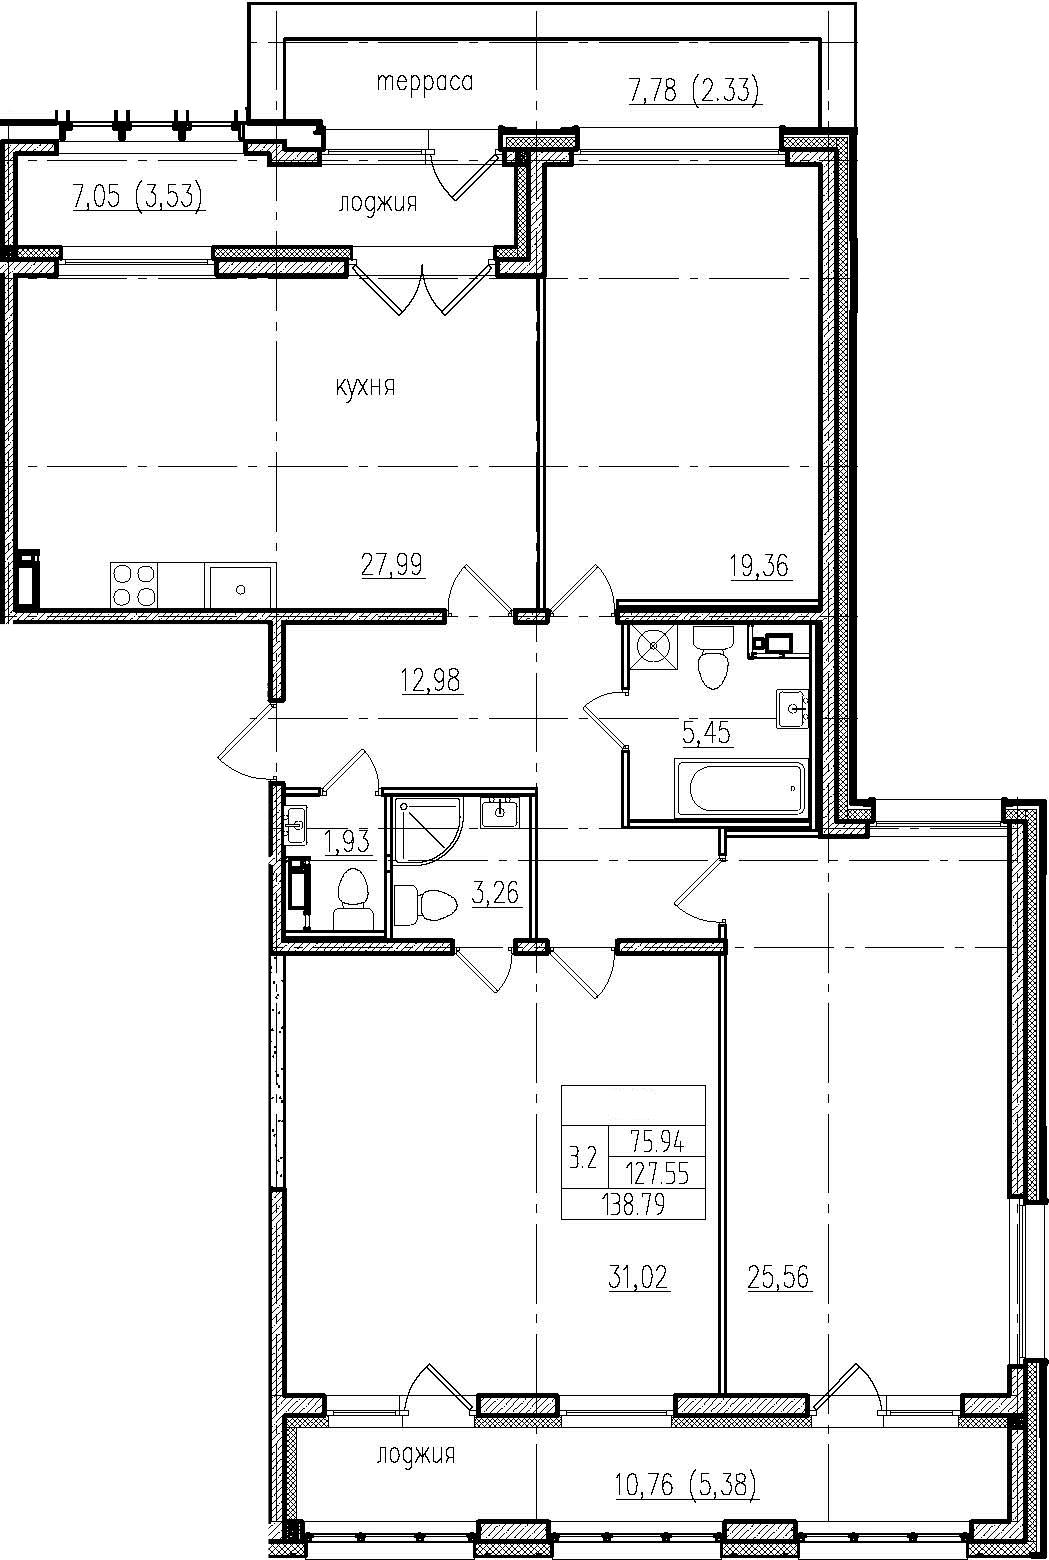 4Е-комнатная, 138.79 м²– 2